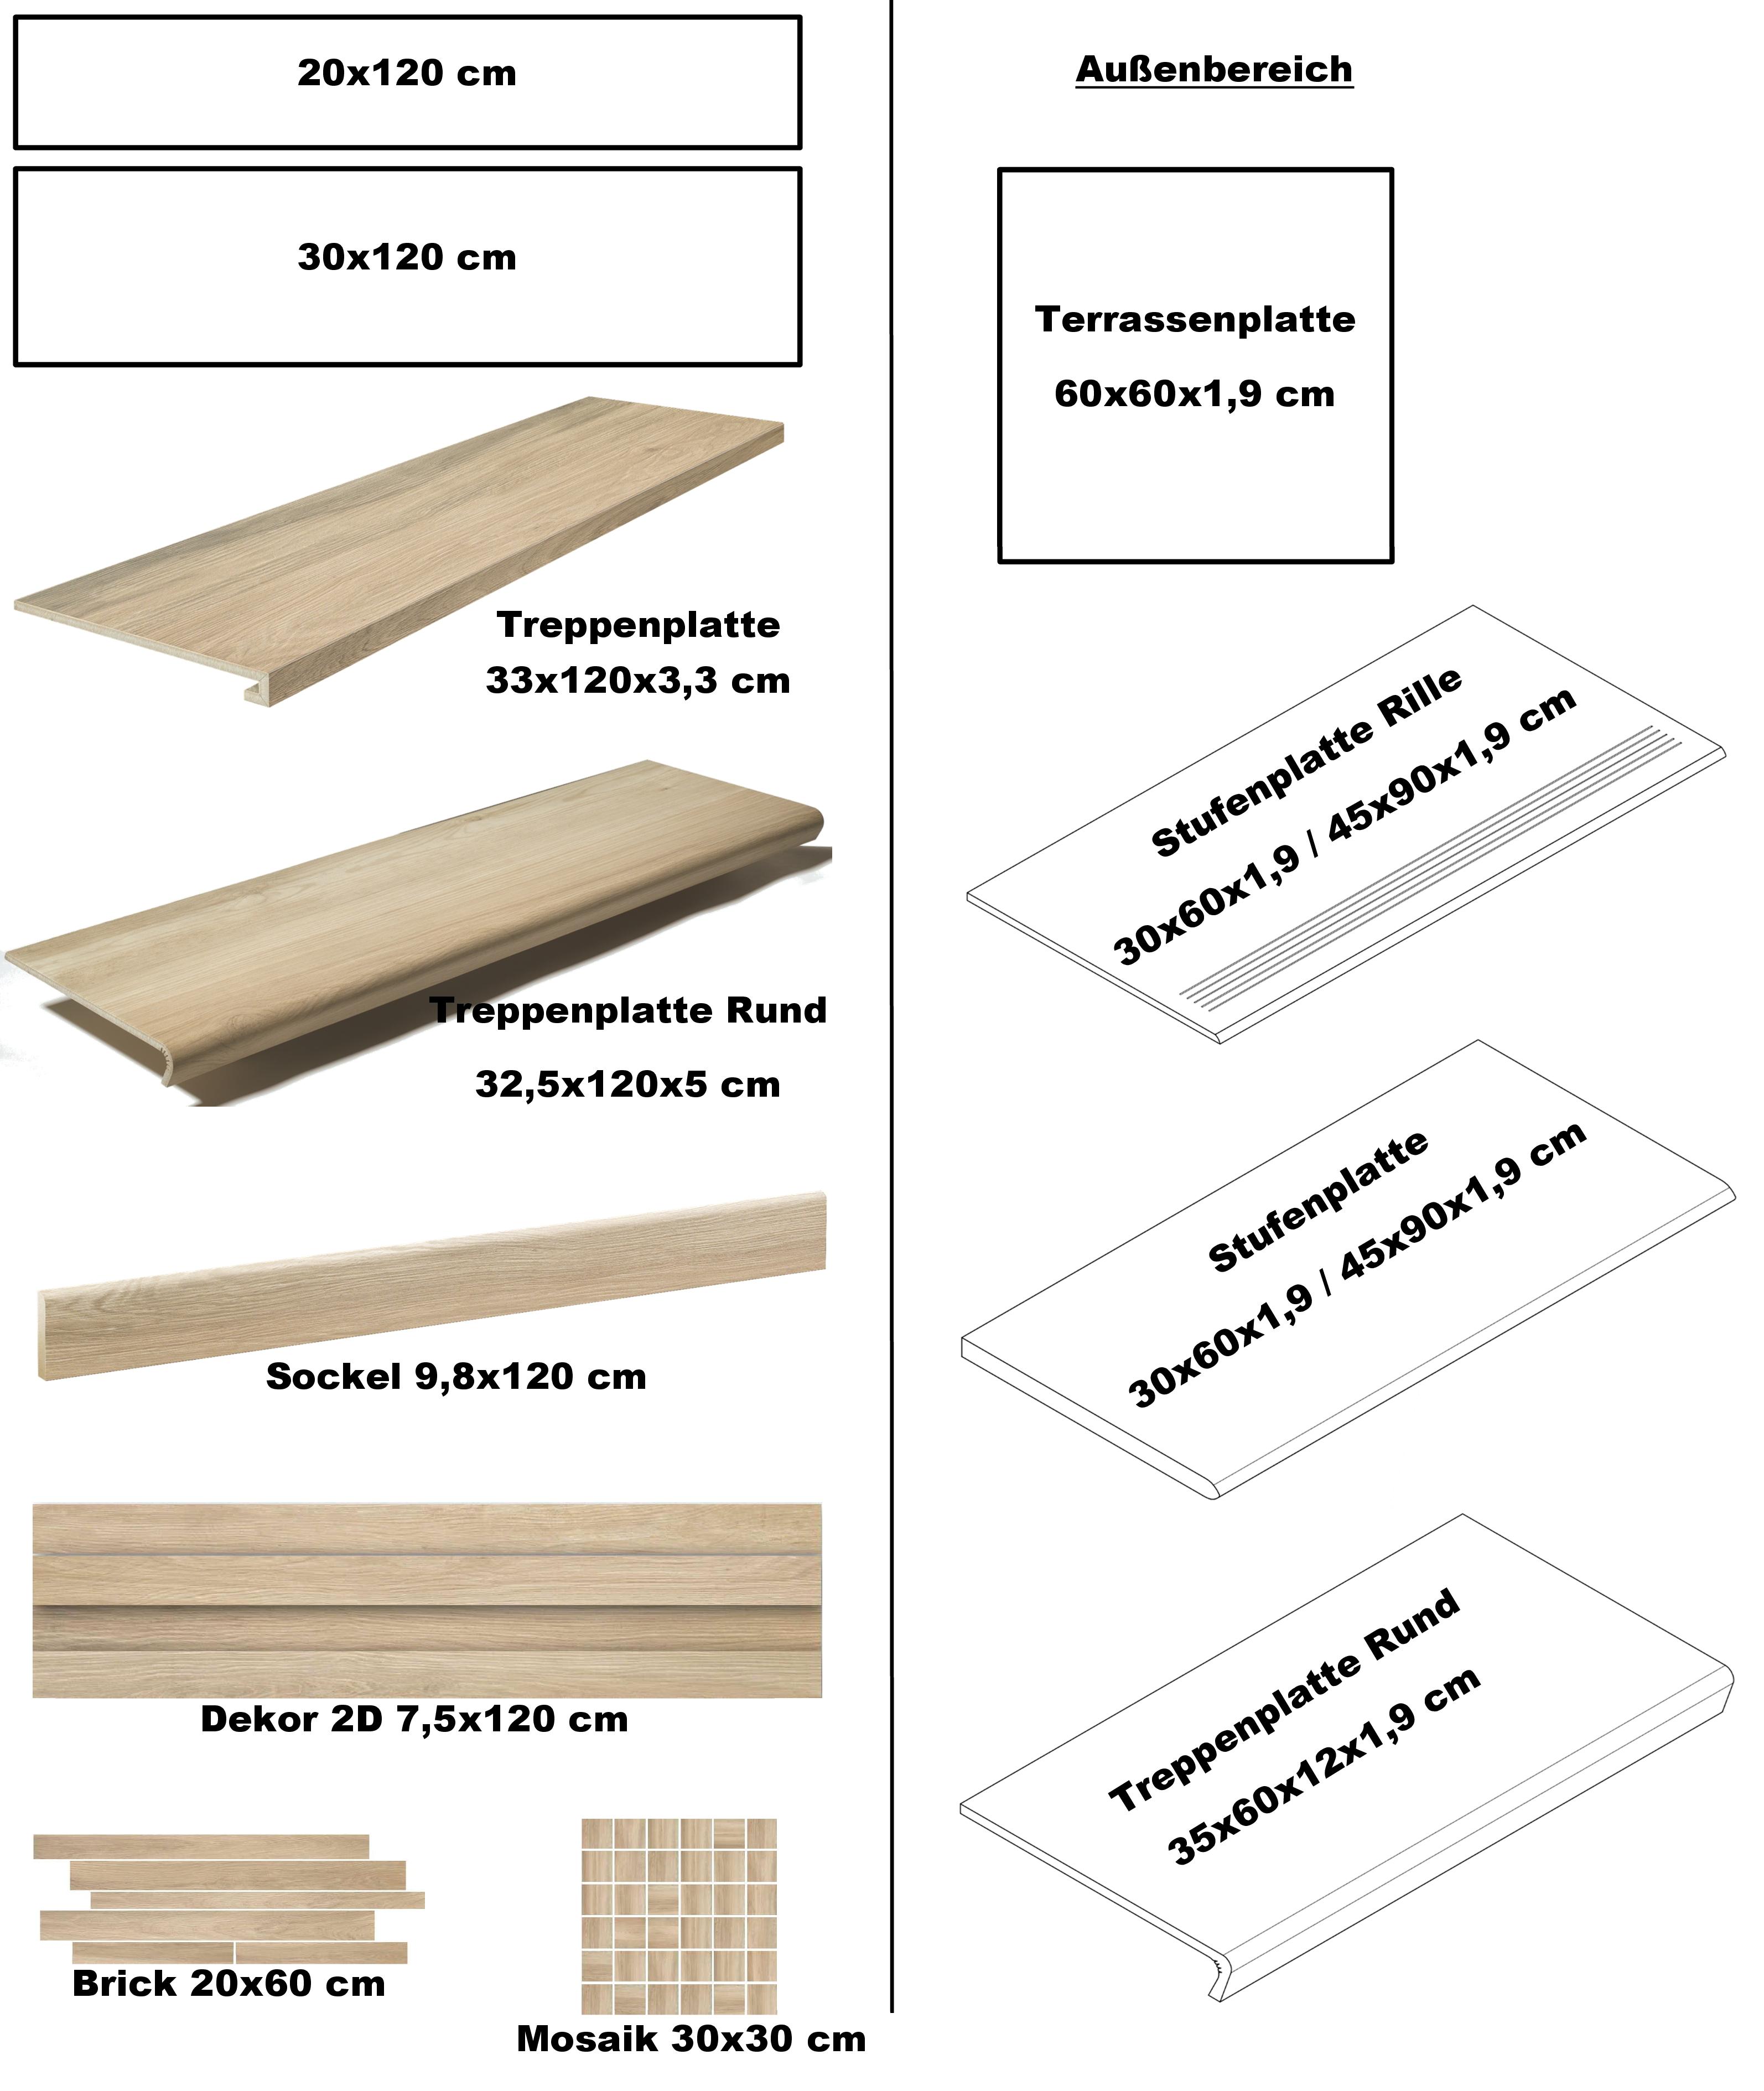 Kraft Fliesen GmbH | 37070 Otnaca 1